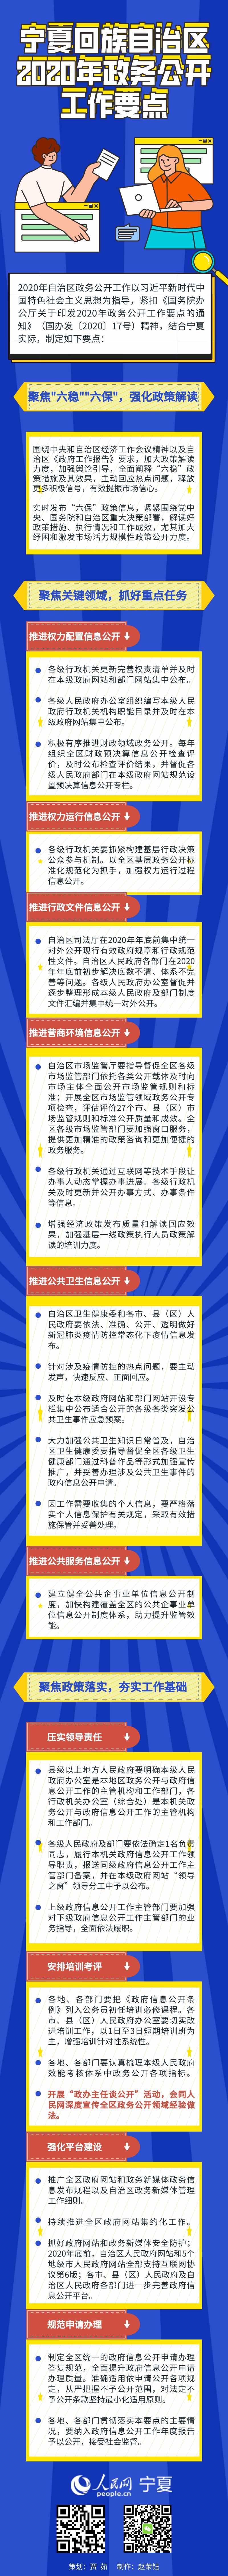 一图读懂:宁夏回族自治区2020年政务公开工作要点